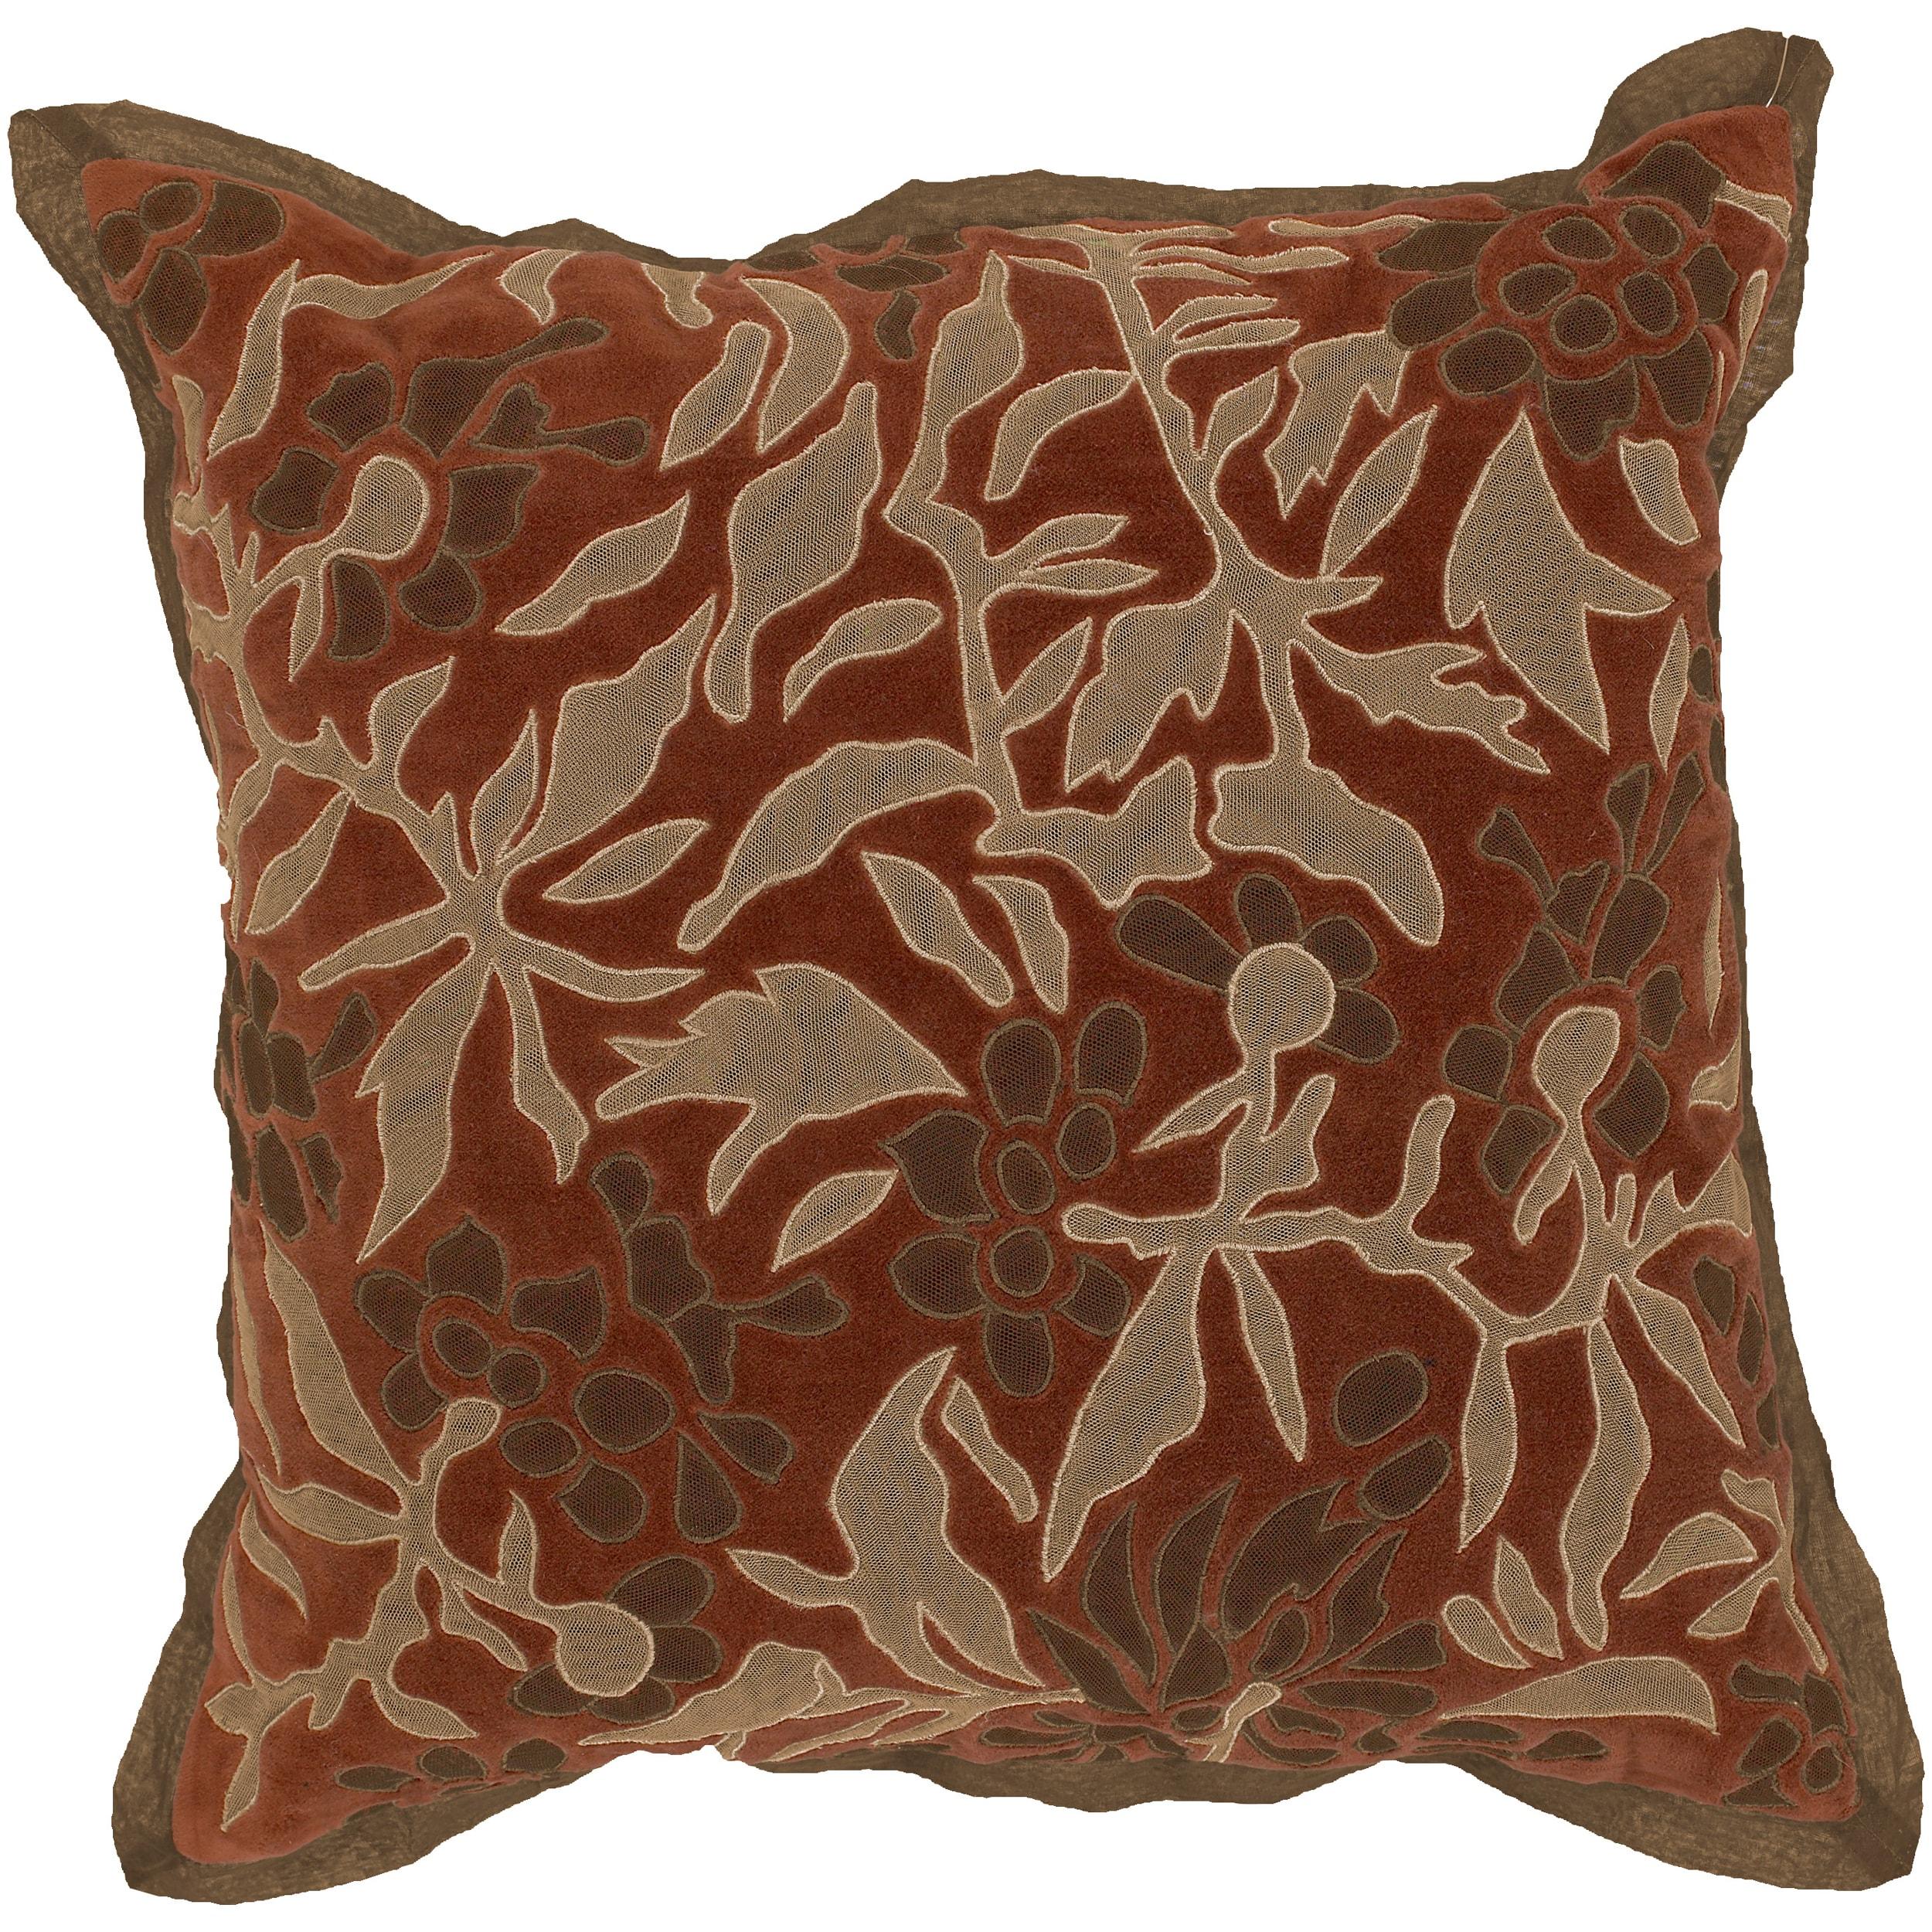 Decorative Vesta 18-inch Down Pillow